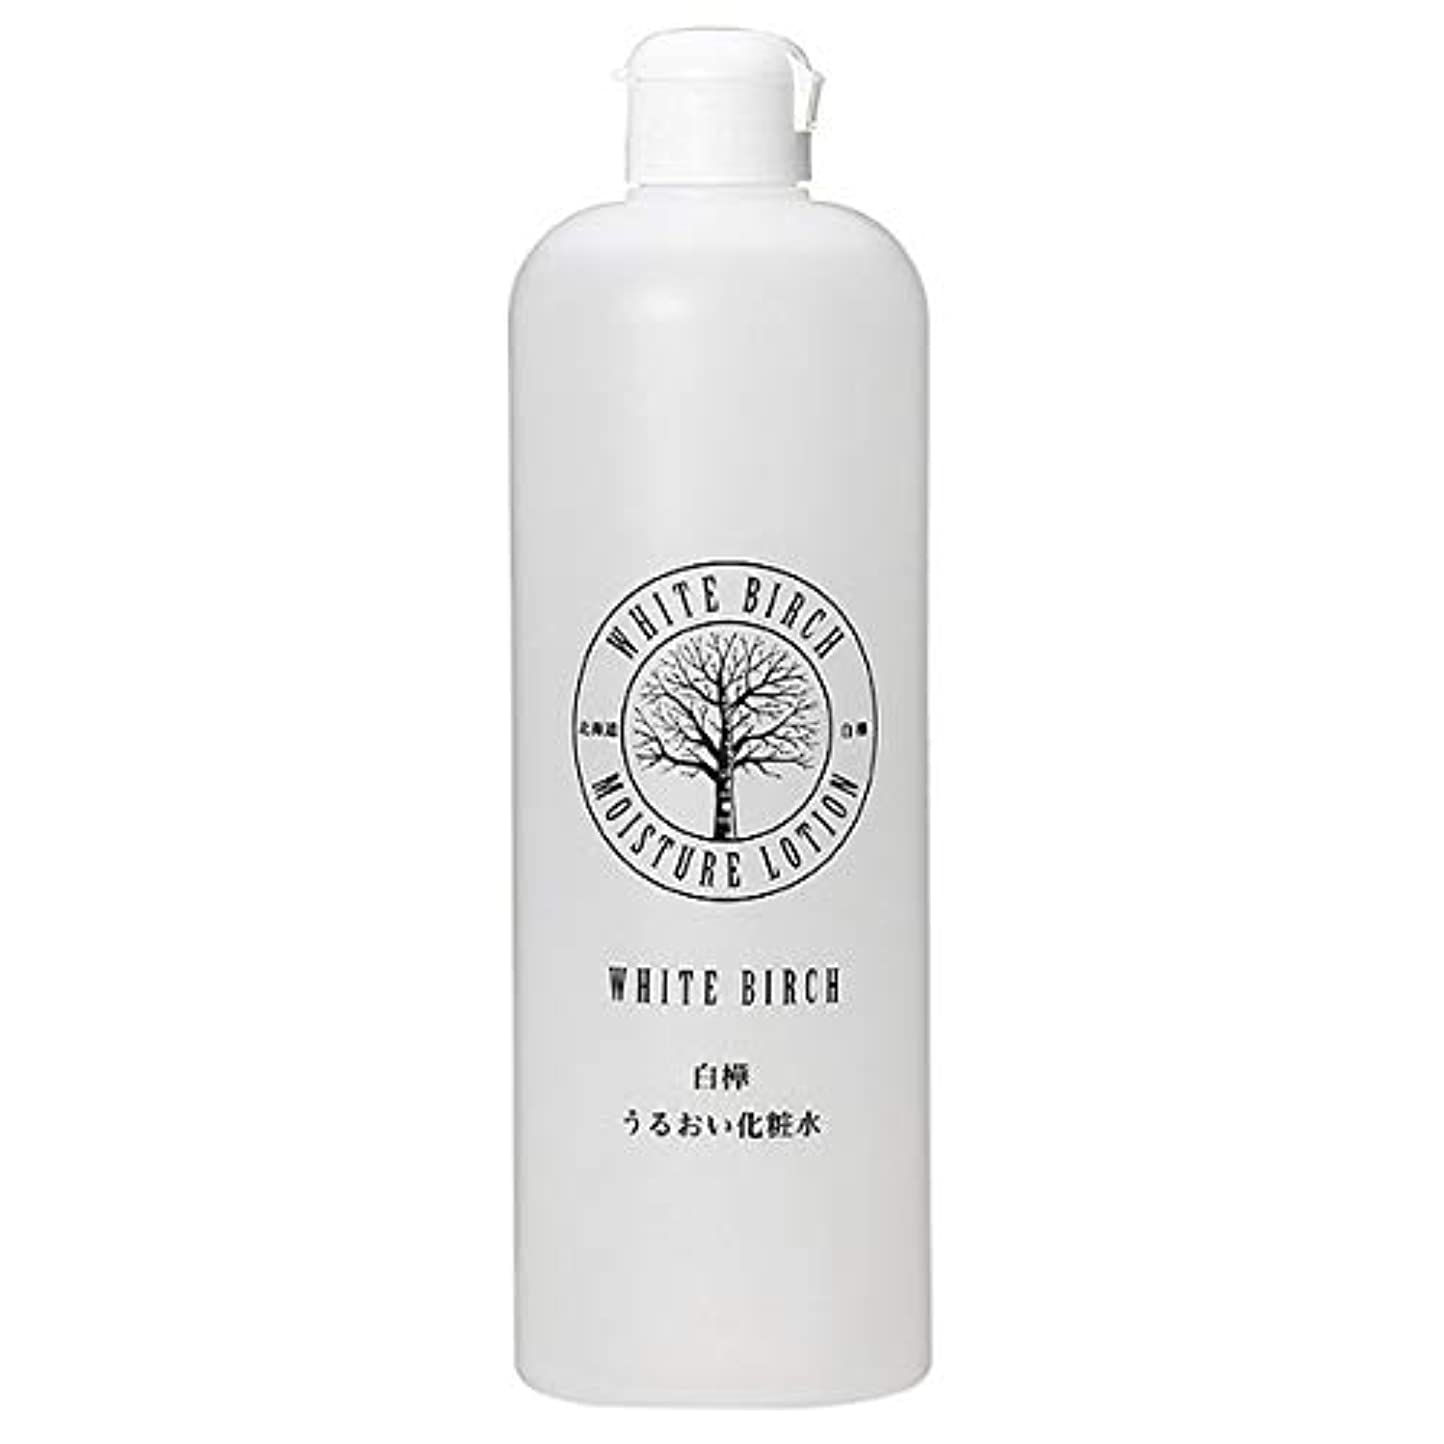 キャプテンブライおめでとうありふれた北海道アンソロポロジー 白樺うるおい化粧水 500mL